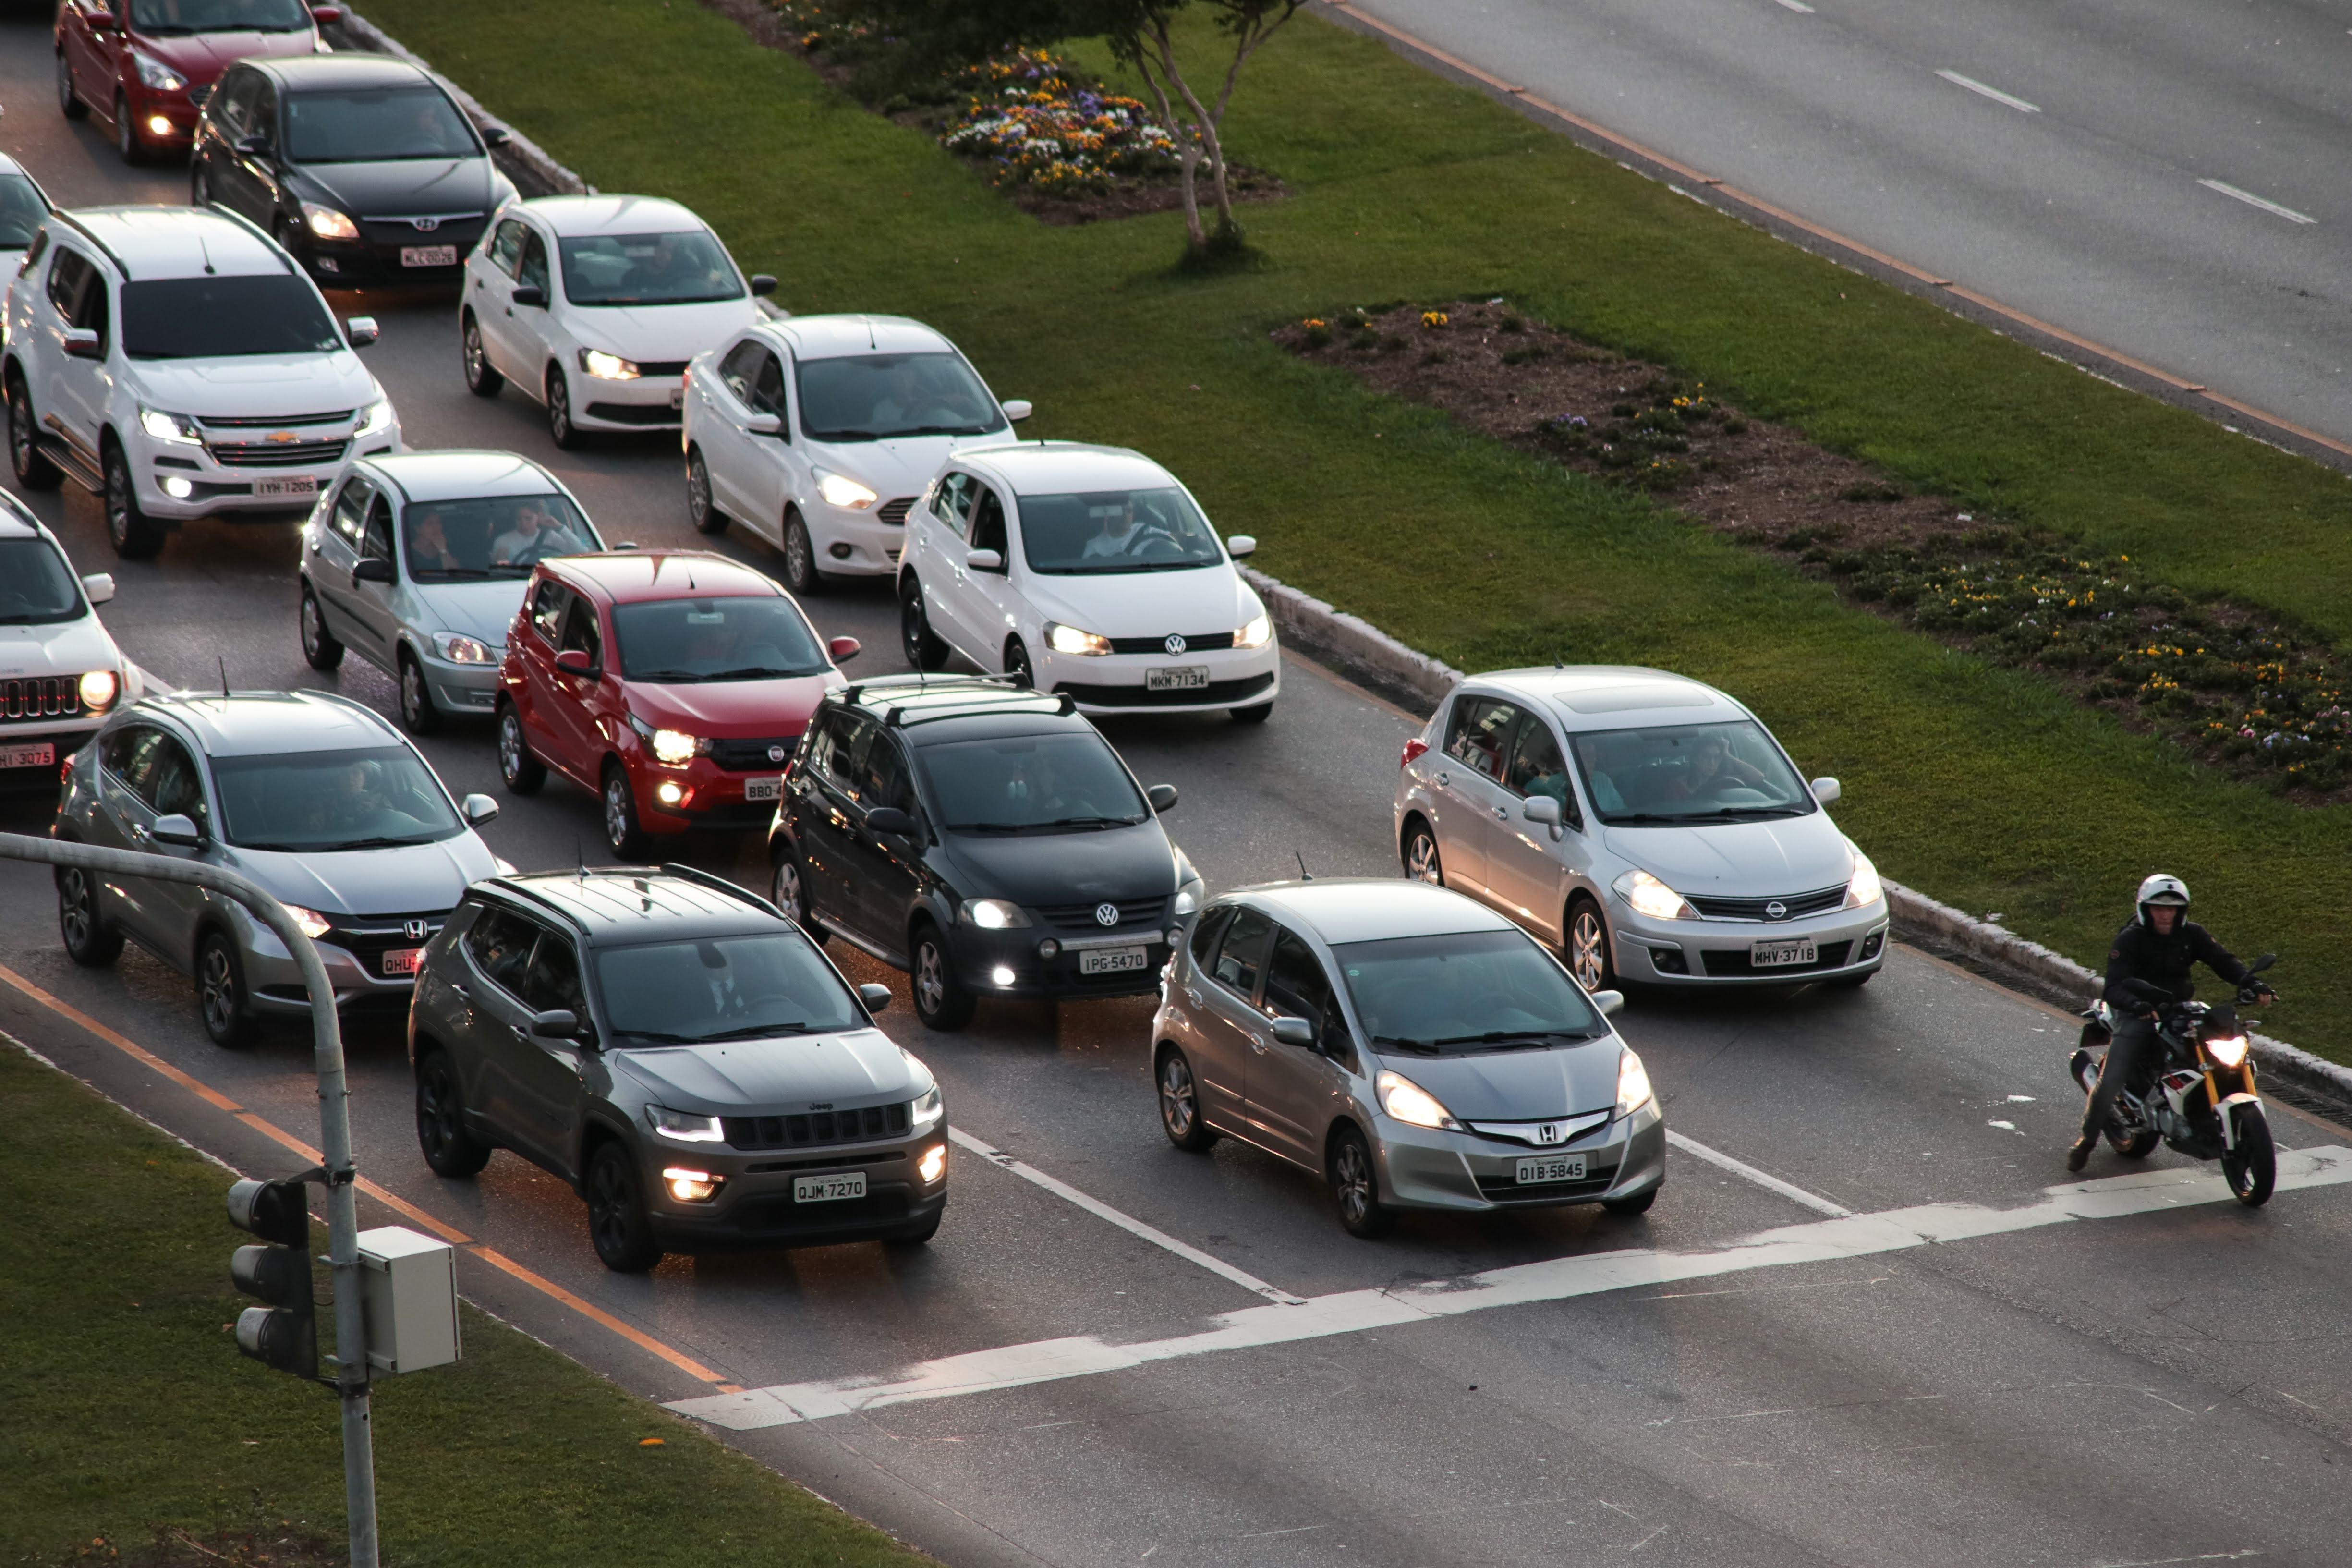 IPVA 2020: Pagamento em cota única para veículos com placas final 2 vai até dia 2 em SC